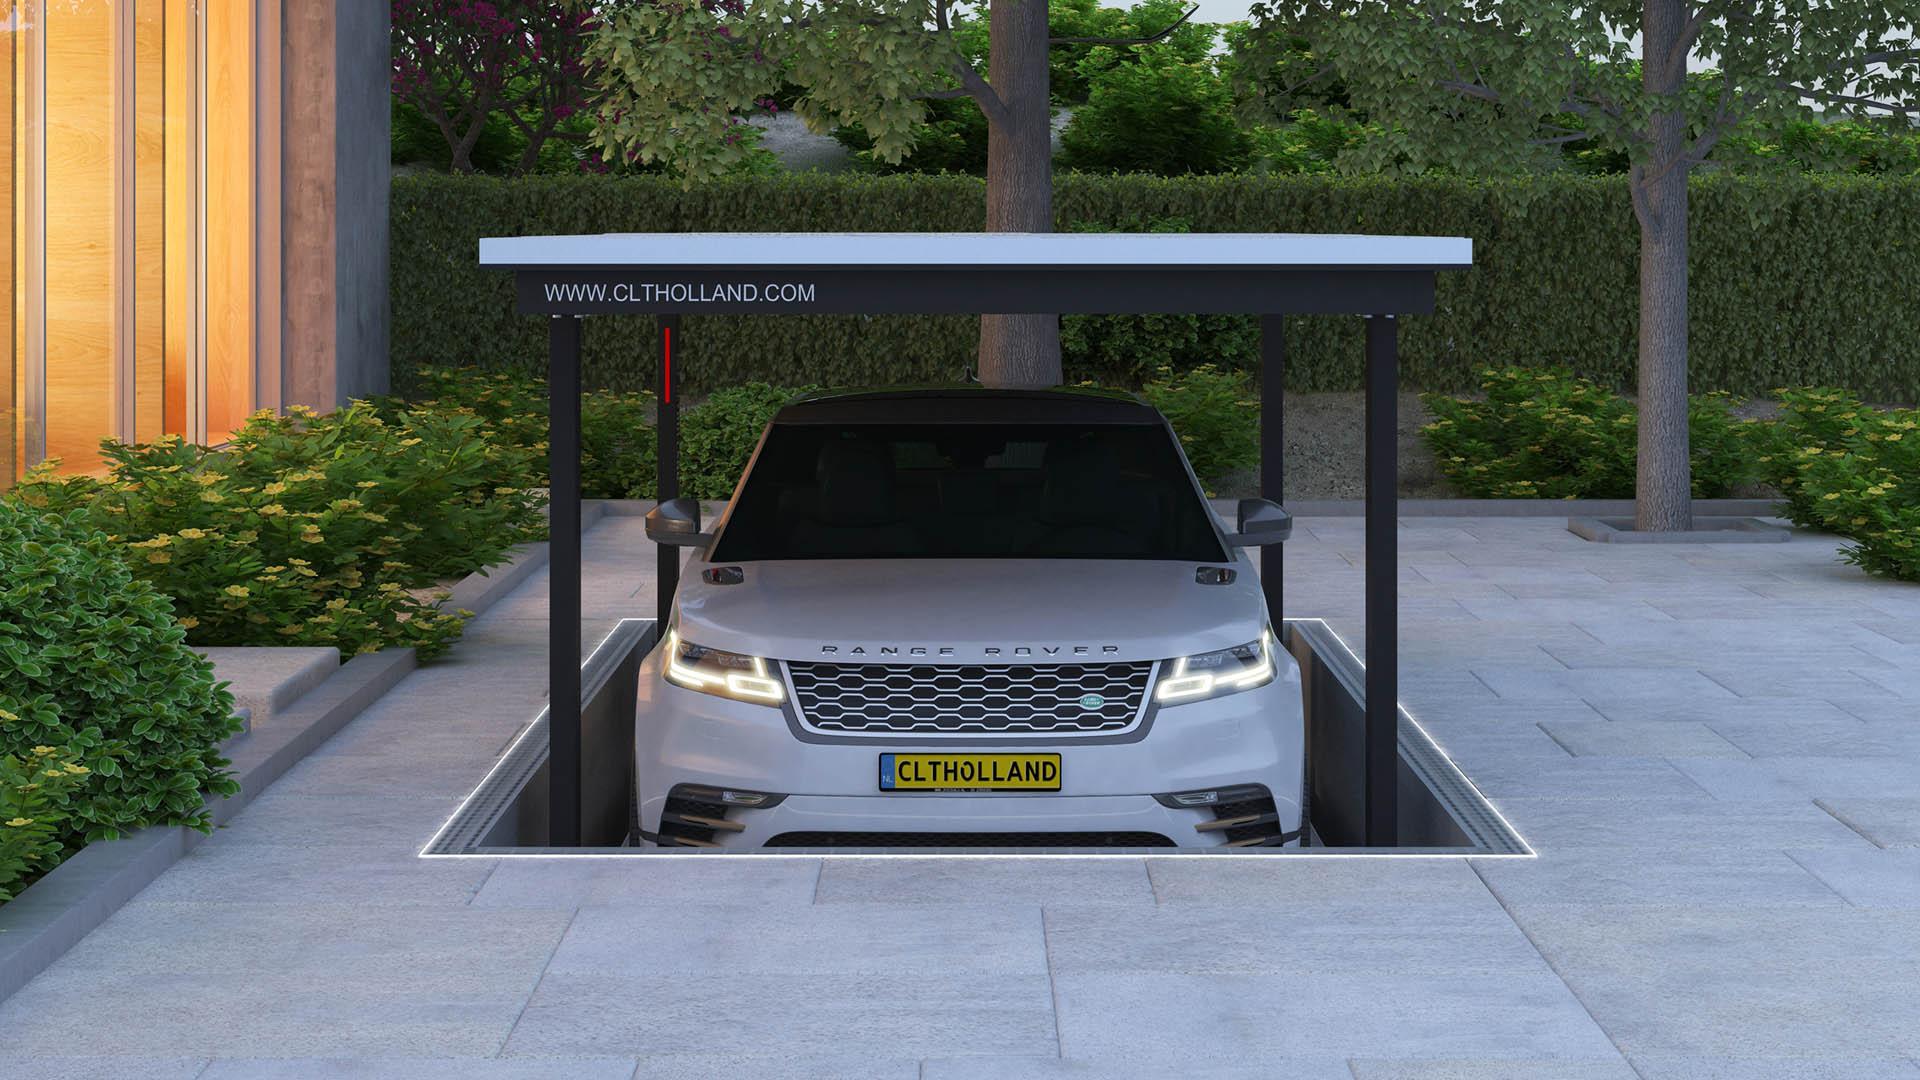 CLT Holland - Down Parker - Autolift met Range Rover volledig weggewerkt in de omgeving door tegels op het bovenste parkeerdek